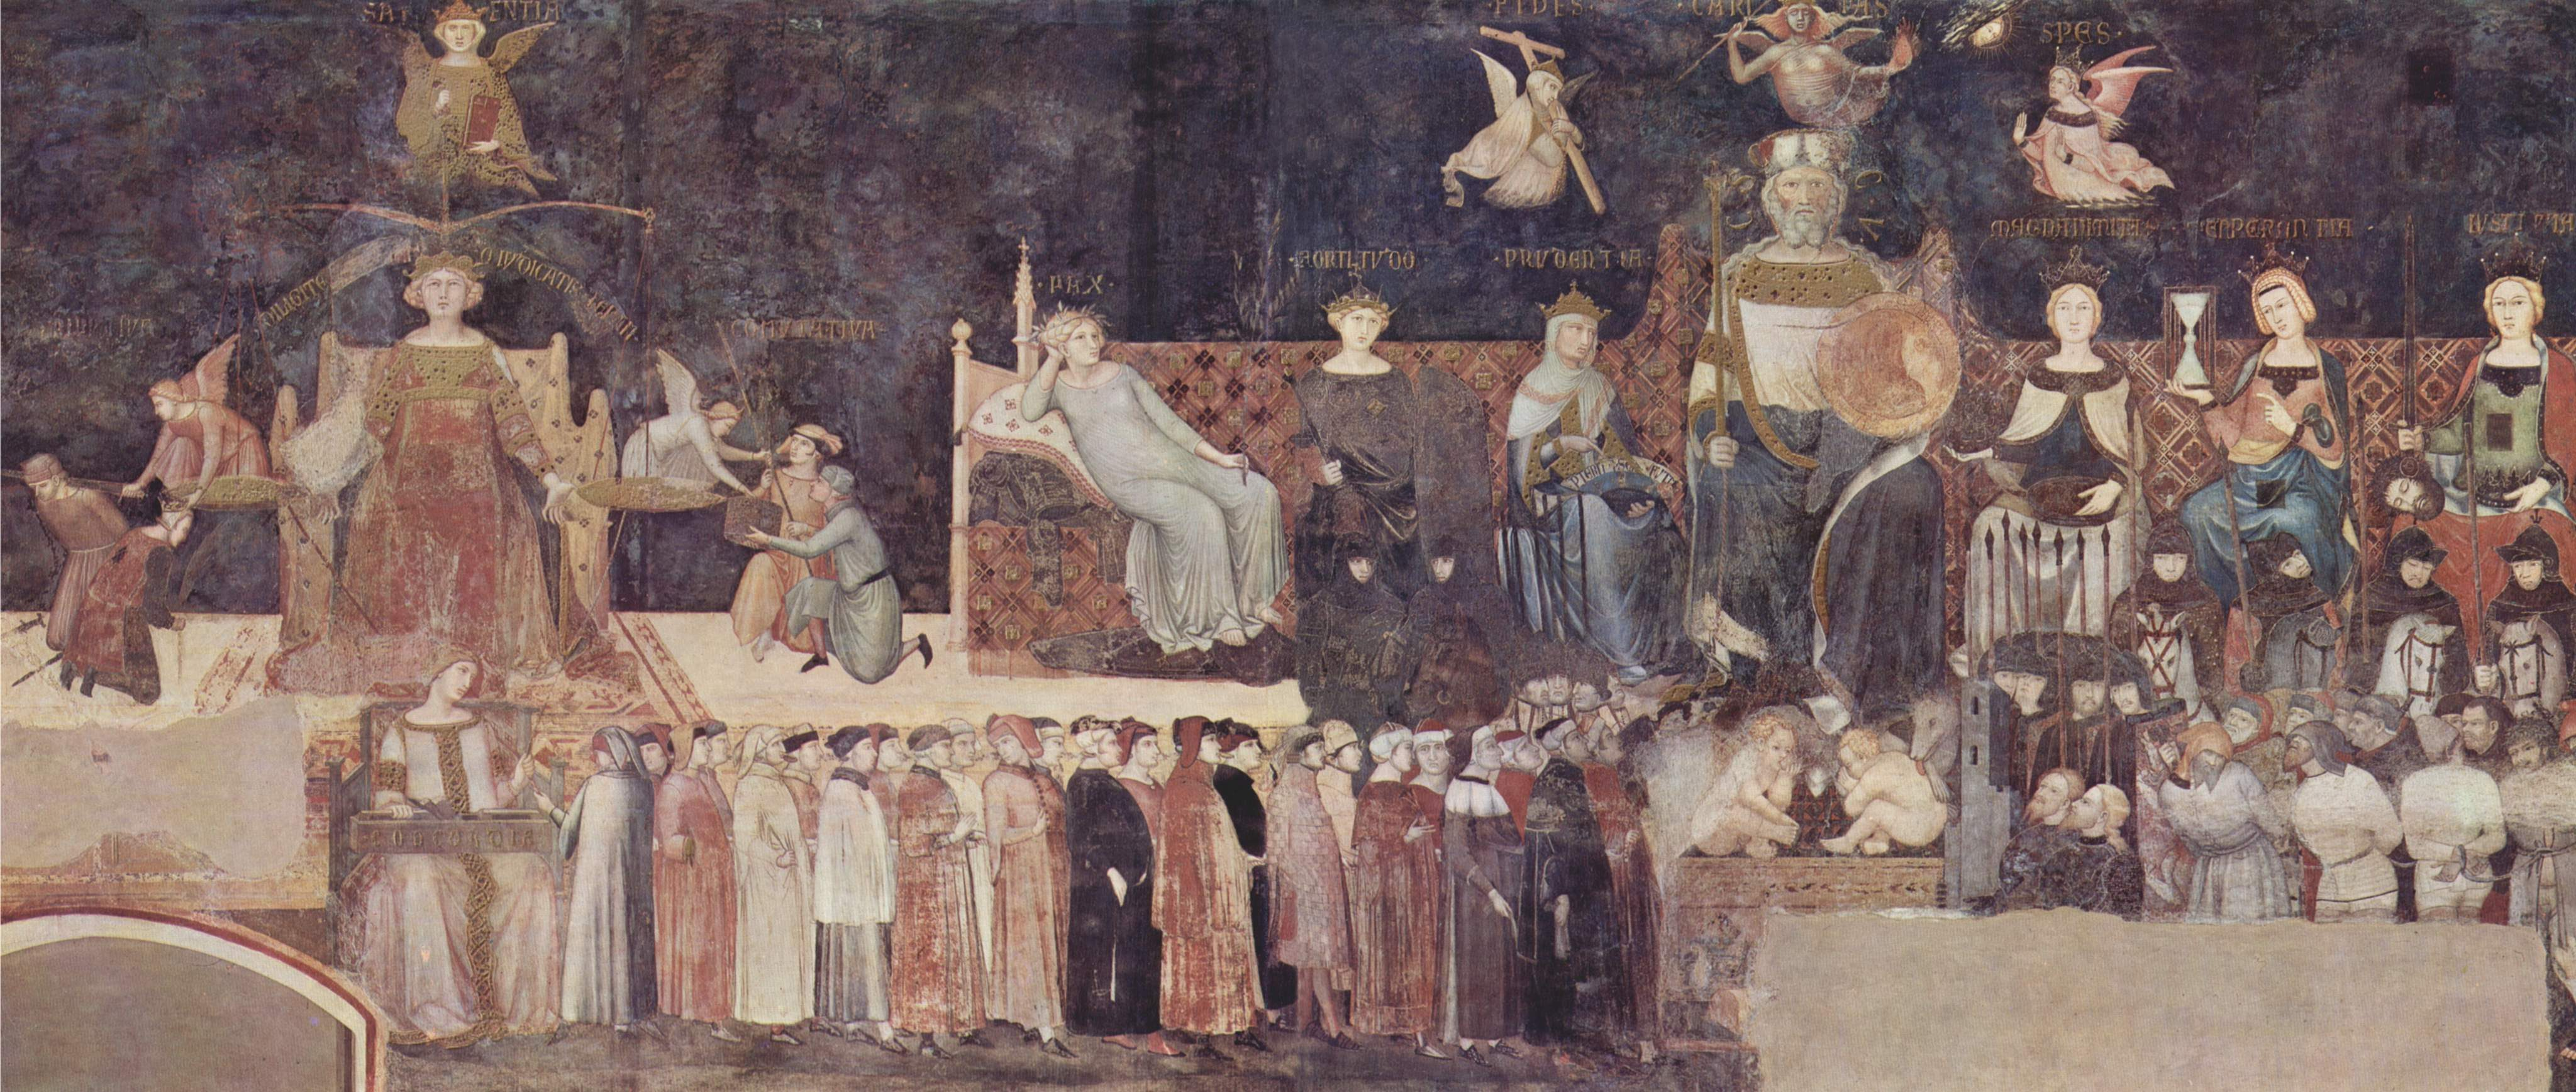 Ambrogio Lorenzetti, Allegoria del Buon Governo, Palazzo Pubblico, Siena.